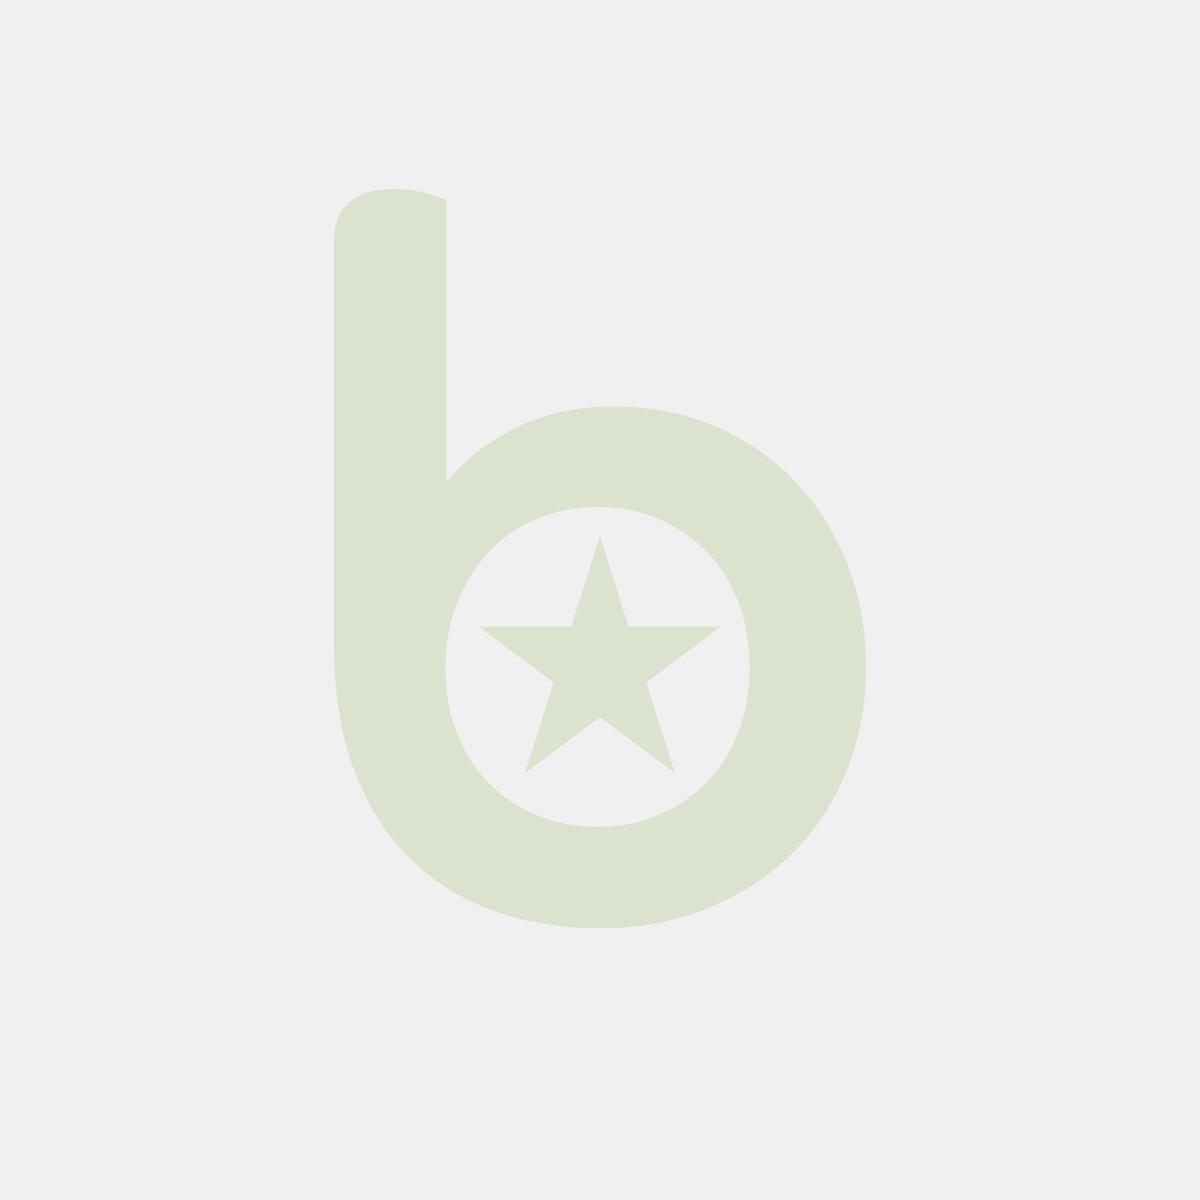 Etui-koperta na sztućce, 23,5 x 7,3 cm, opakowanie 100 szt., kremowy z kolorową serwetką